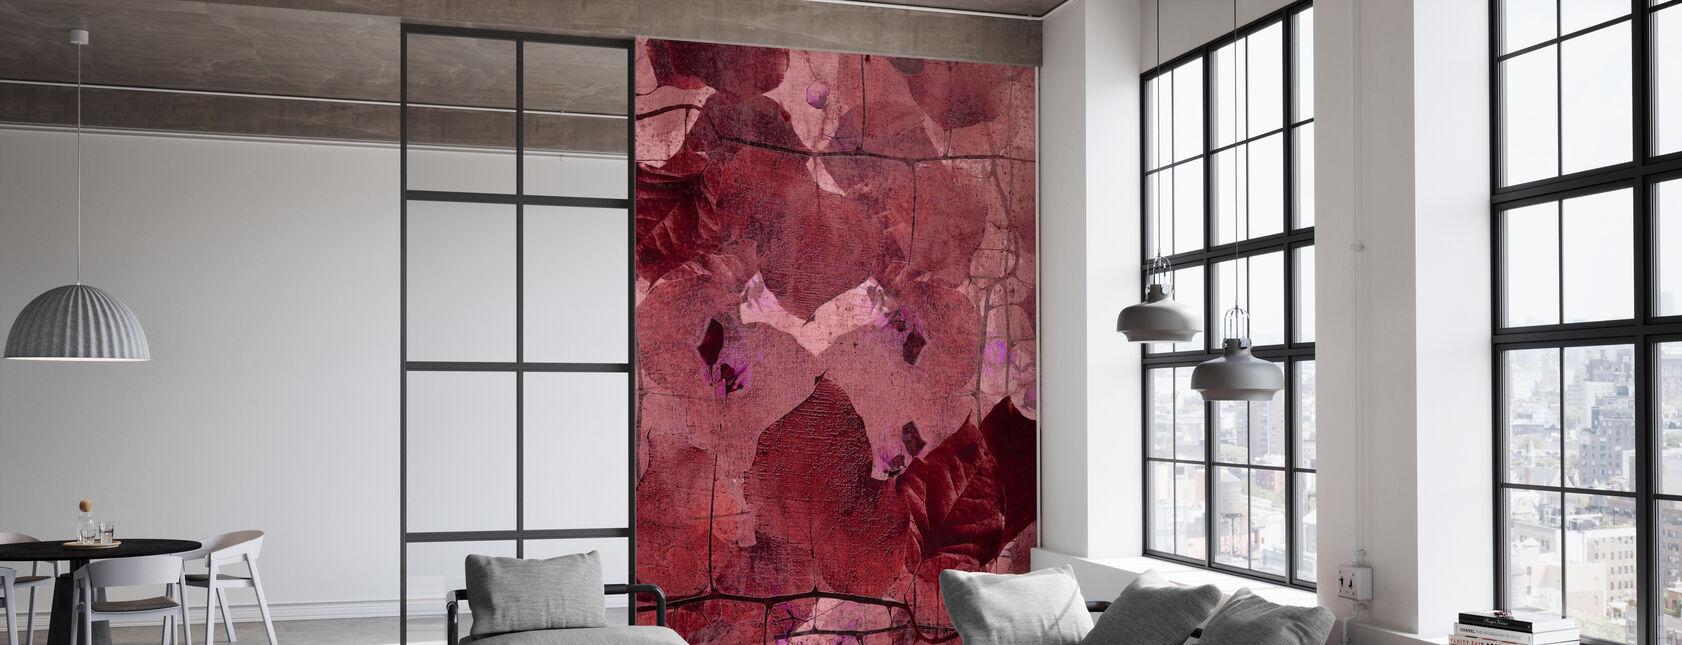 Vigne Bordeaux - Papier peint - Bureau